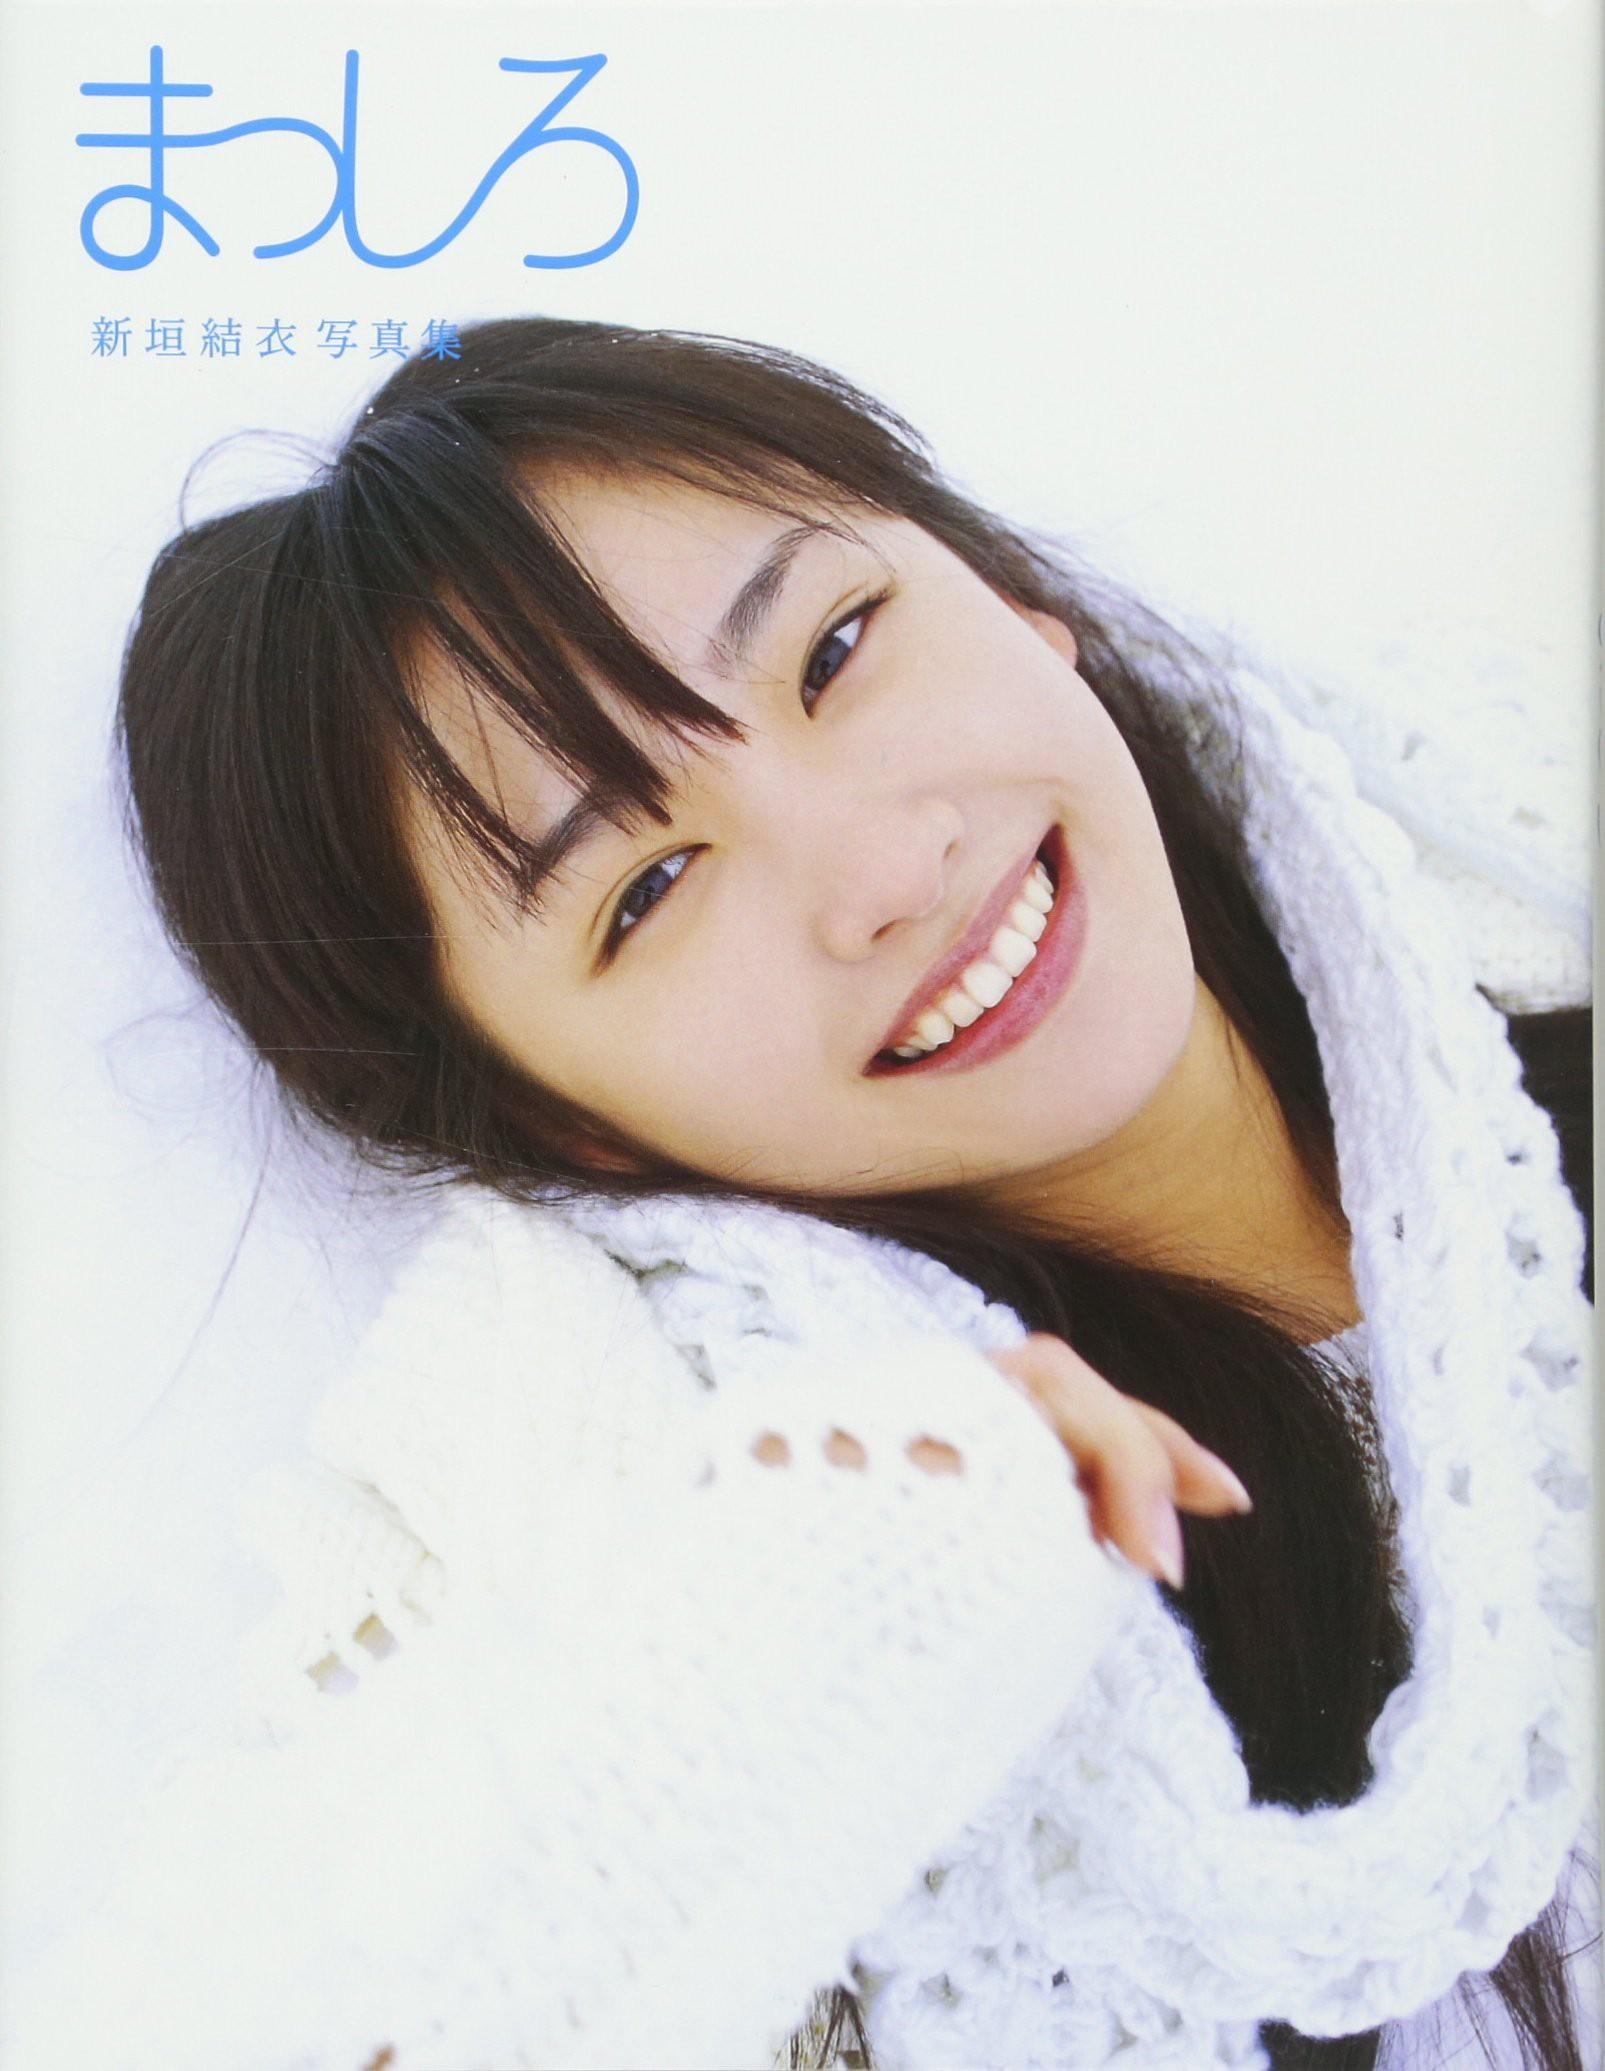 VZN News: 5 mỹ nhân tóc ngắn hot nhất Jbiz: Đây chính là lý do vẻ đẹp ngây thơ, trong sáng của con gái Nhật là thiên hạ vô địch - Ảnh 26.